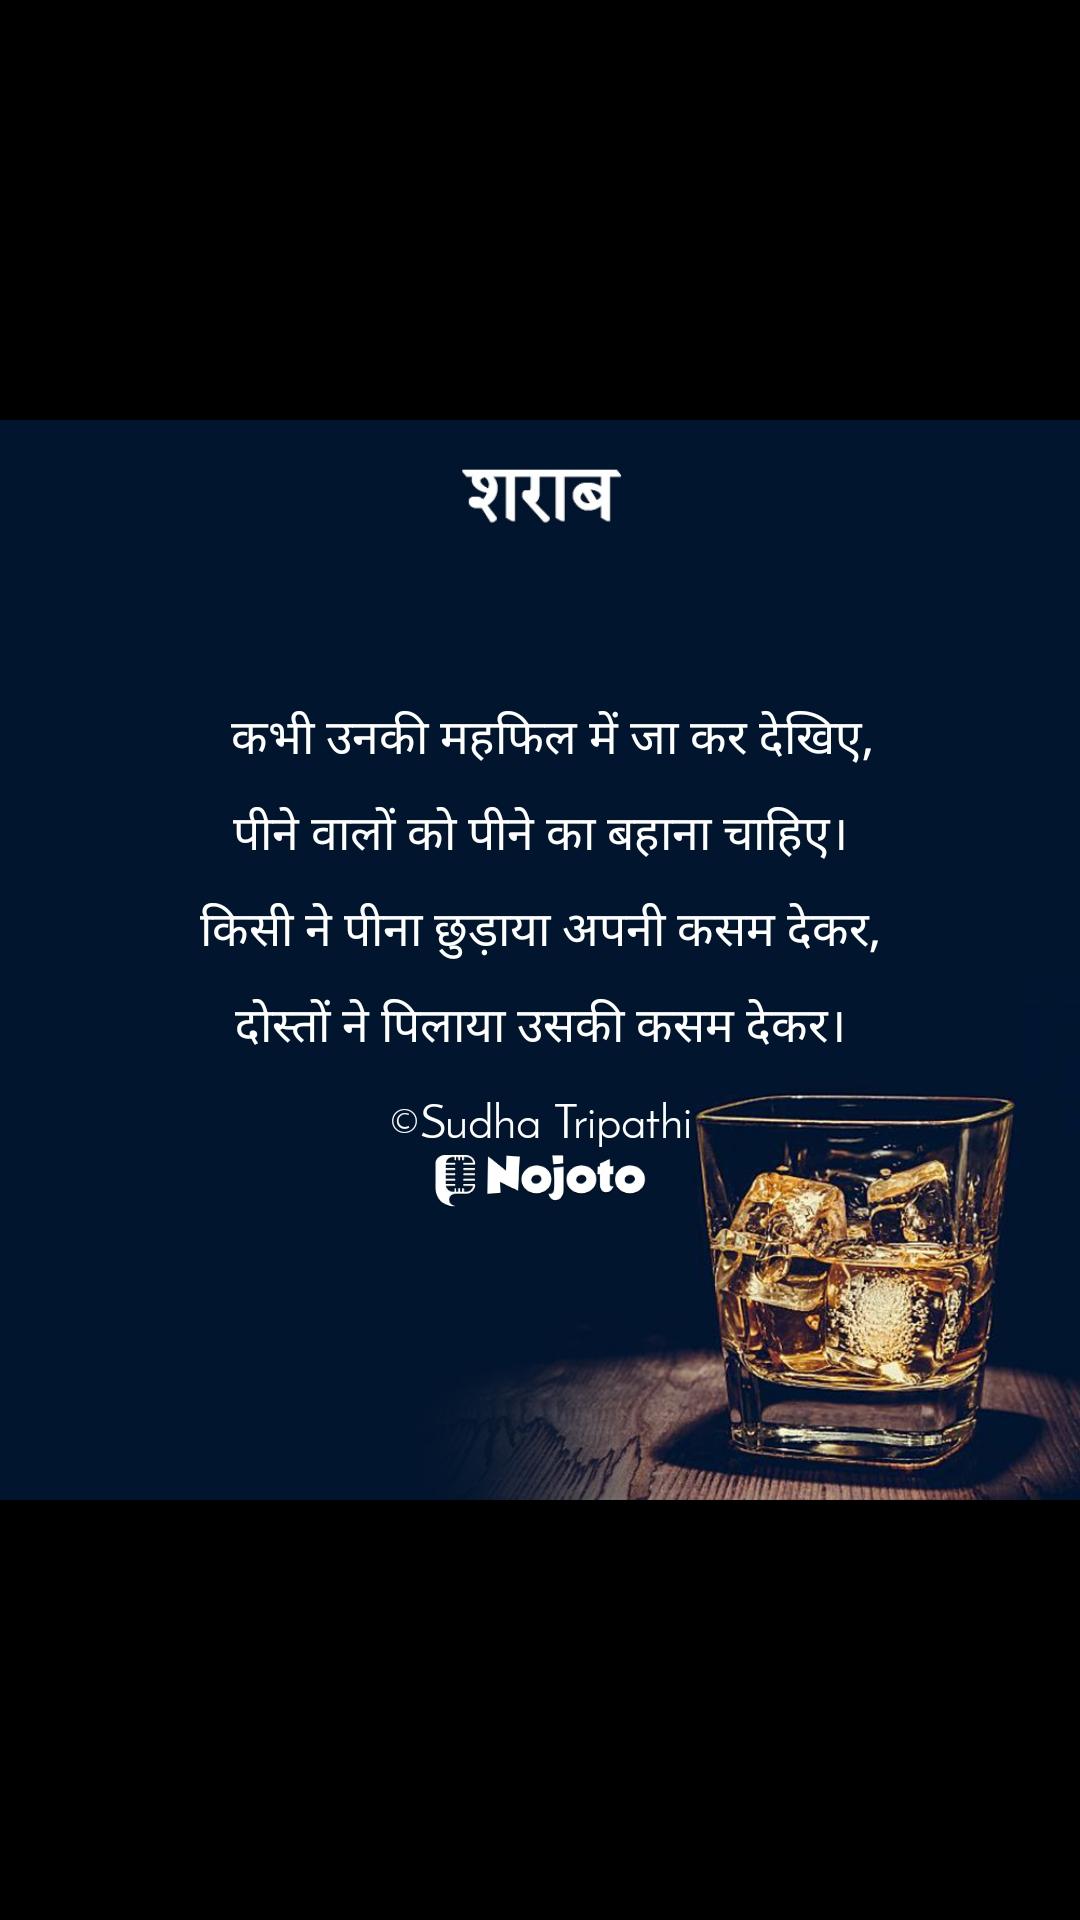 शराब   कभी उनकी महफिल में जा कर देखिए,  पीने वालों को पीने का बहाना चाहिए।  किसी ने पीना छुड़ाया अपनी कसम देकर,  दोस्तों ने पिलाया उसकी कसम देकर।  ©Sudha Tripathi